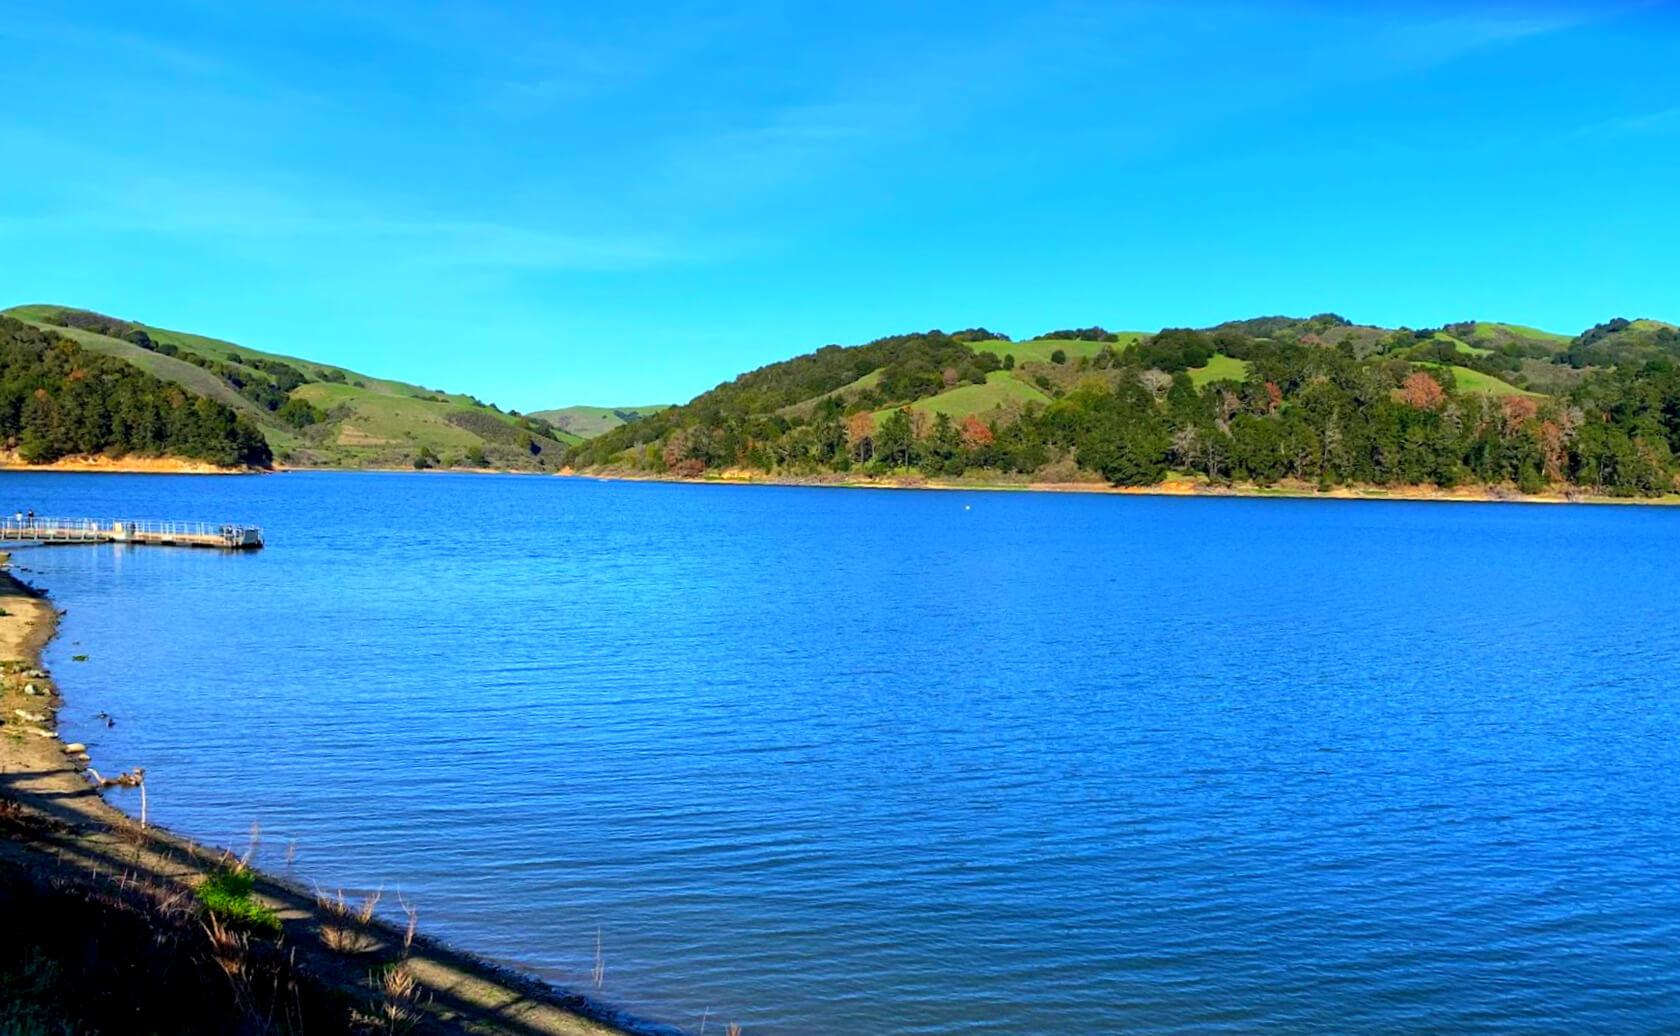 San-Pablo-Lake-Reservoir-Fishing-Guide-Report-California-02